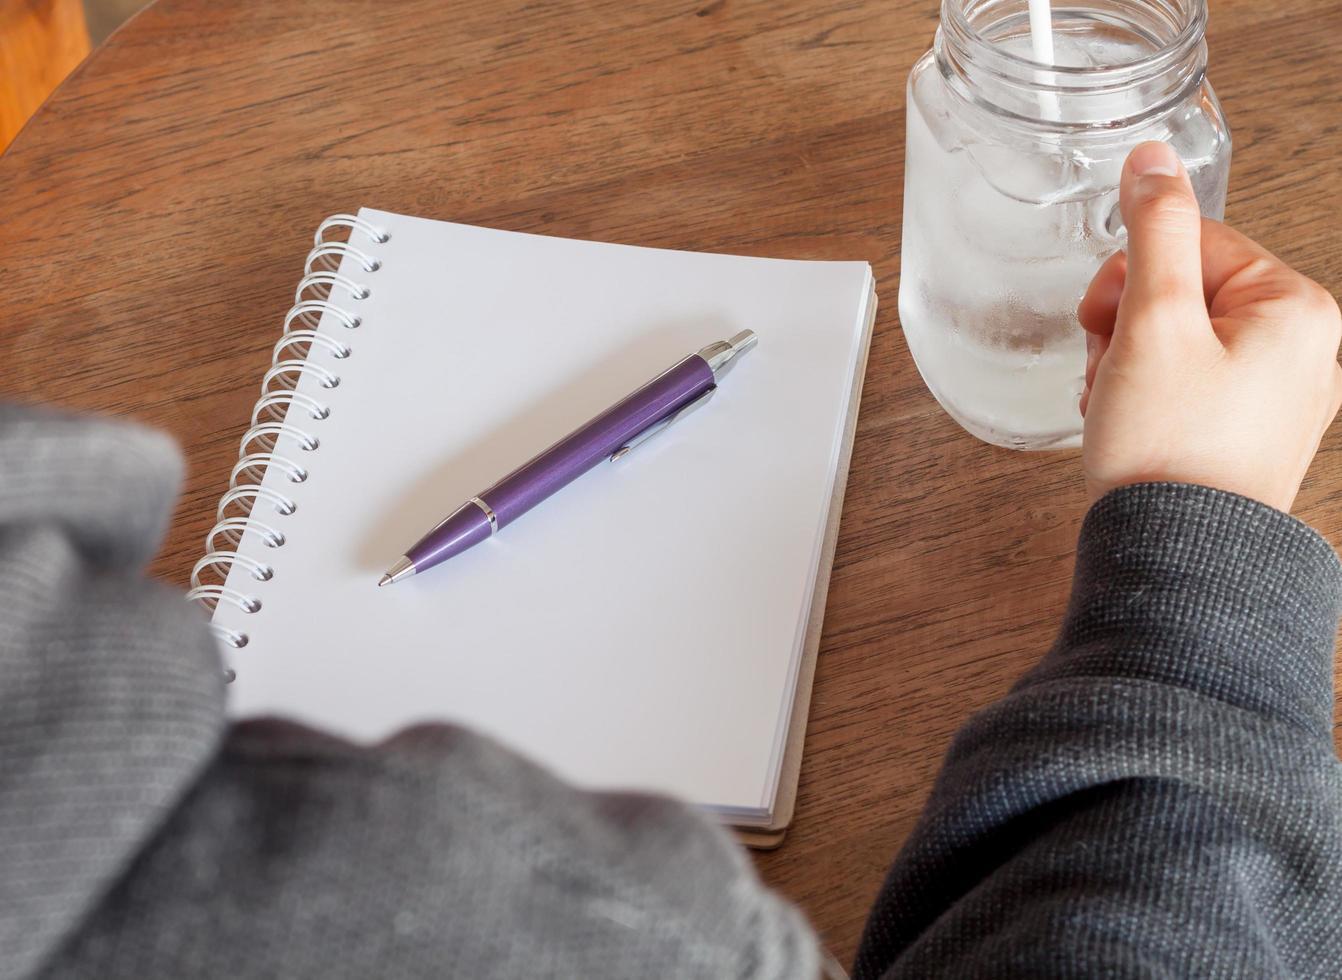 cuaderno y bolígrafo con un vaso de agua sobre una mesa foto